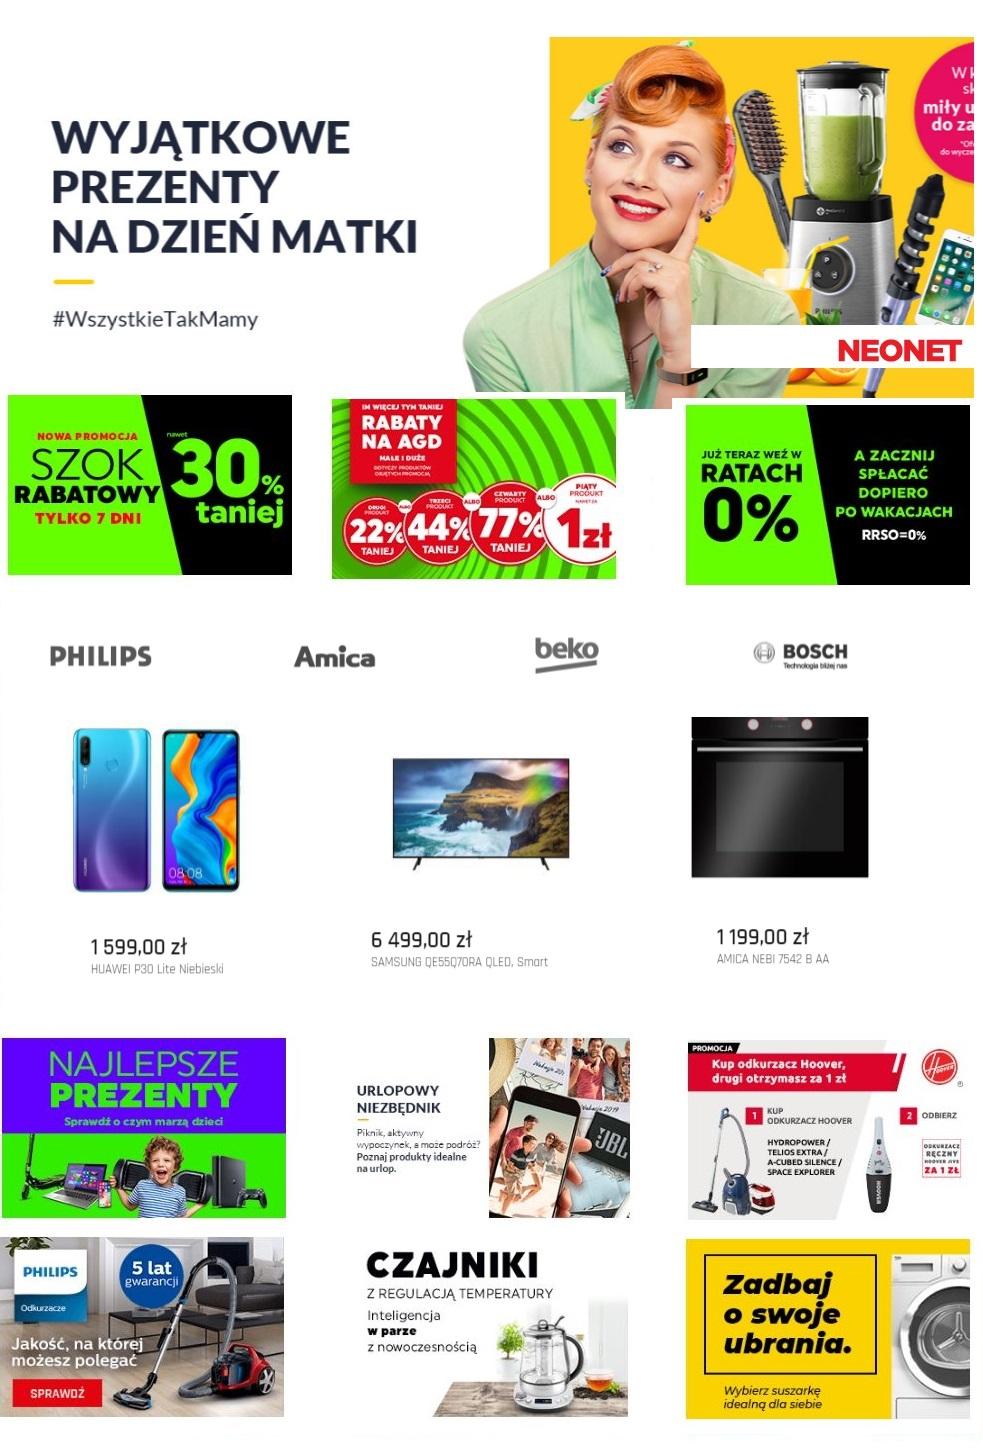 Gazetka promocyjna Neonet - 24.05-30.05.2019